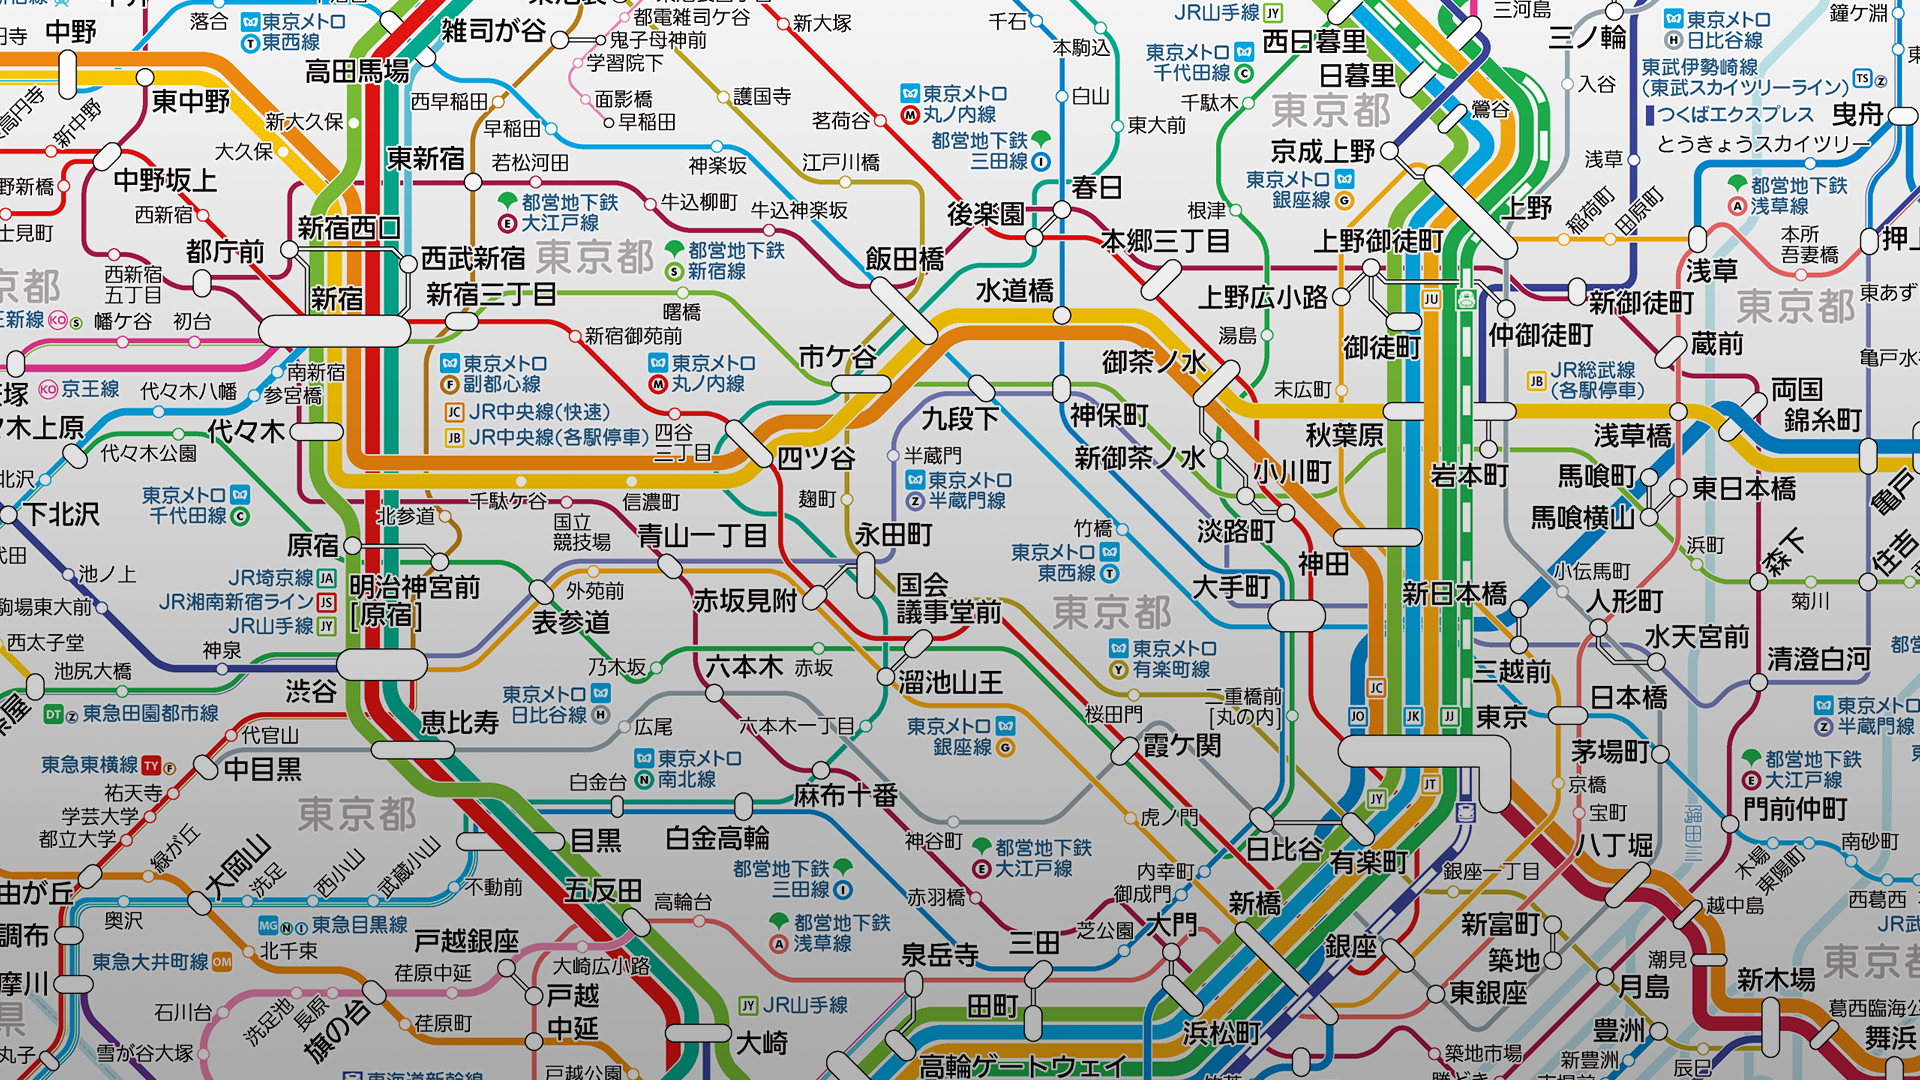 東京(日本語)